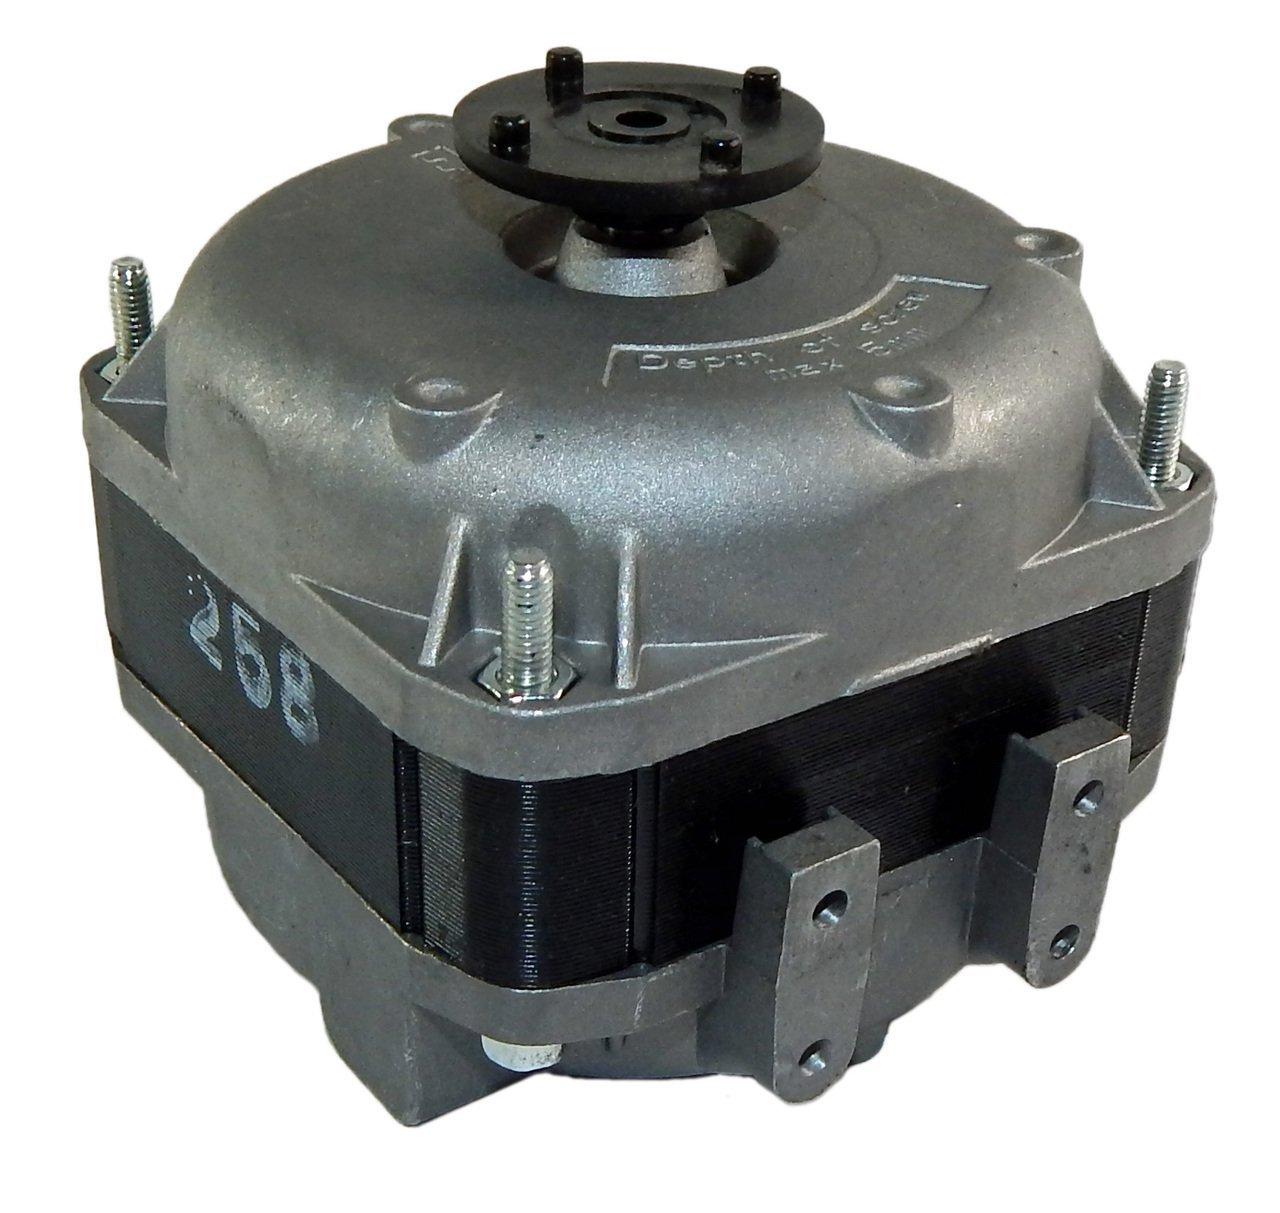 Elco Refrigeration Motor 34 Watt 1/20 hp 230V # EC-34W230 by Elco